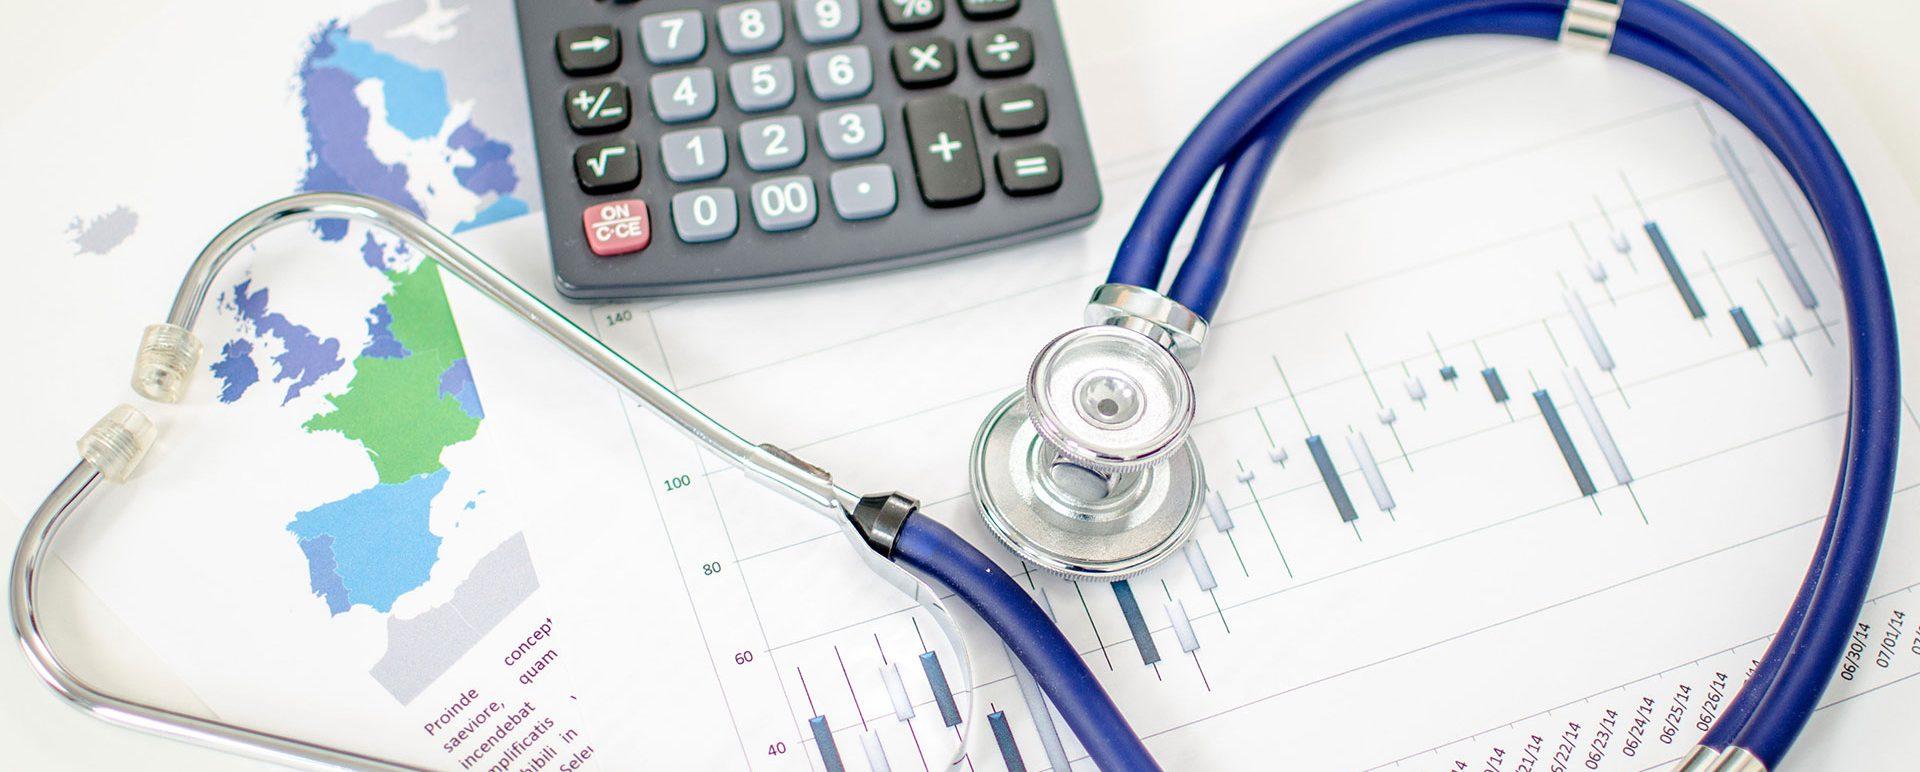 Mais de 60 mil abandonaram os planos de saúde